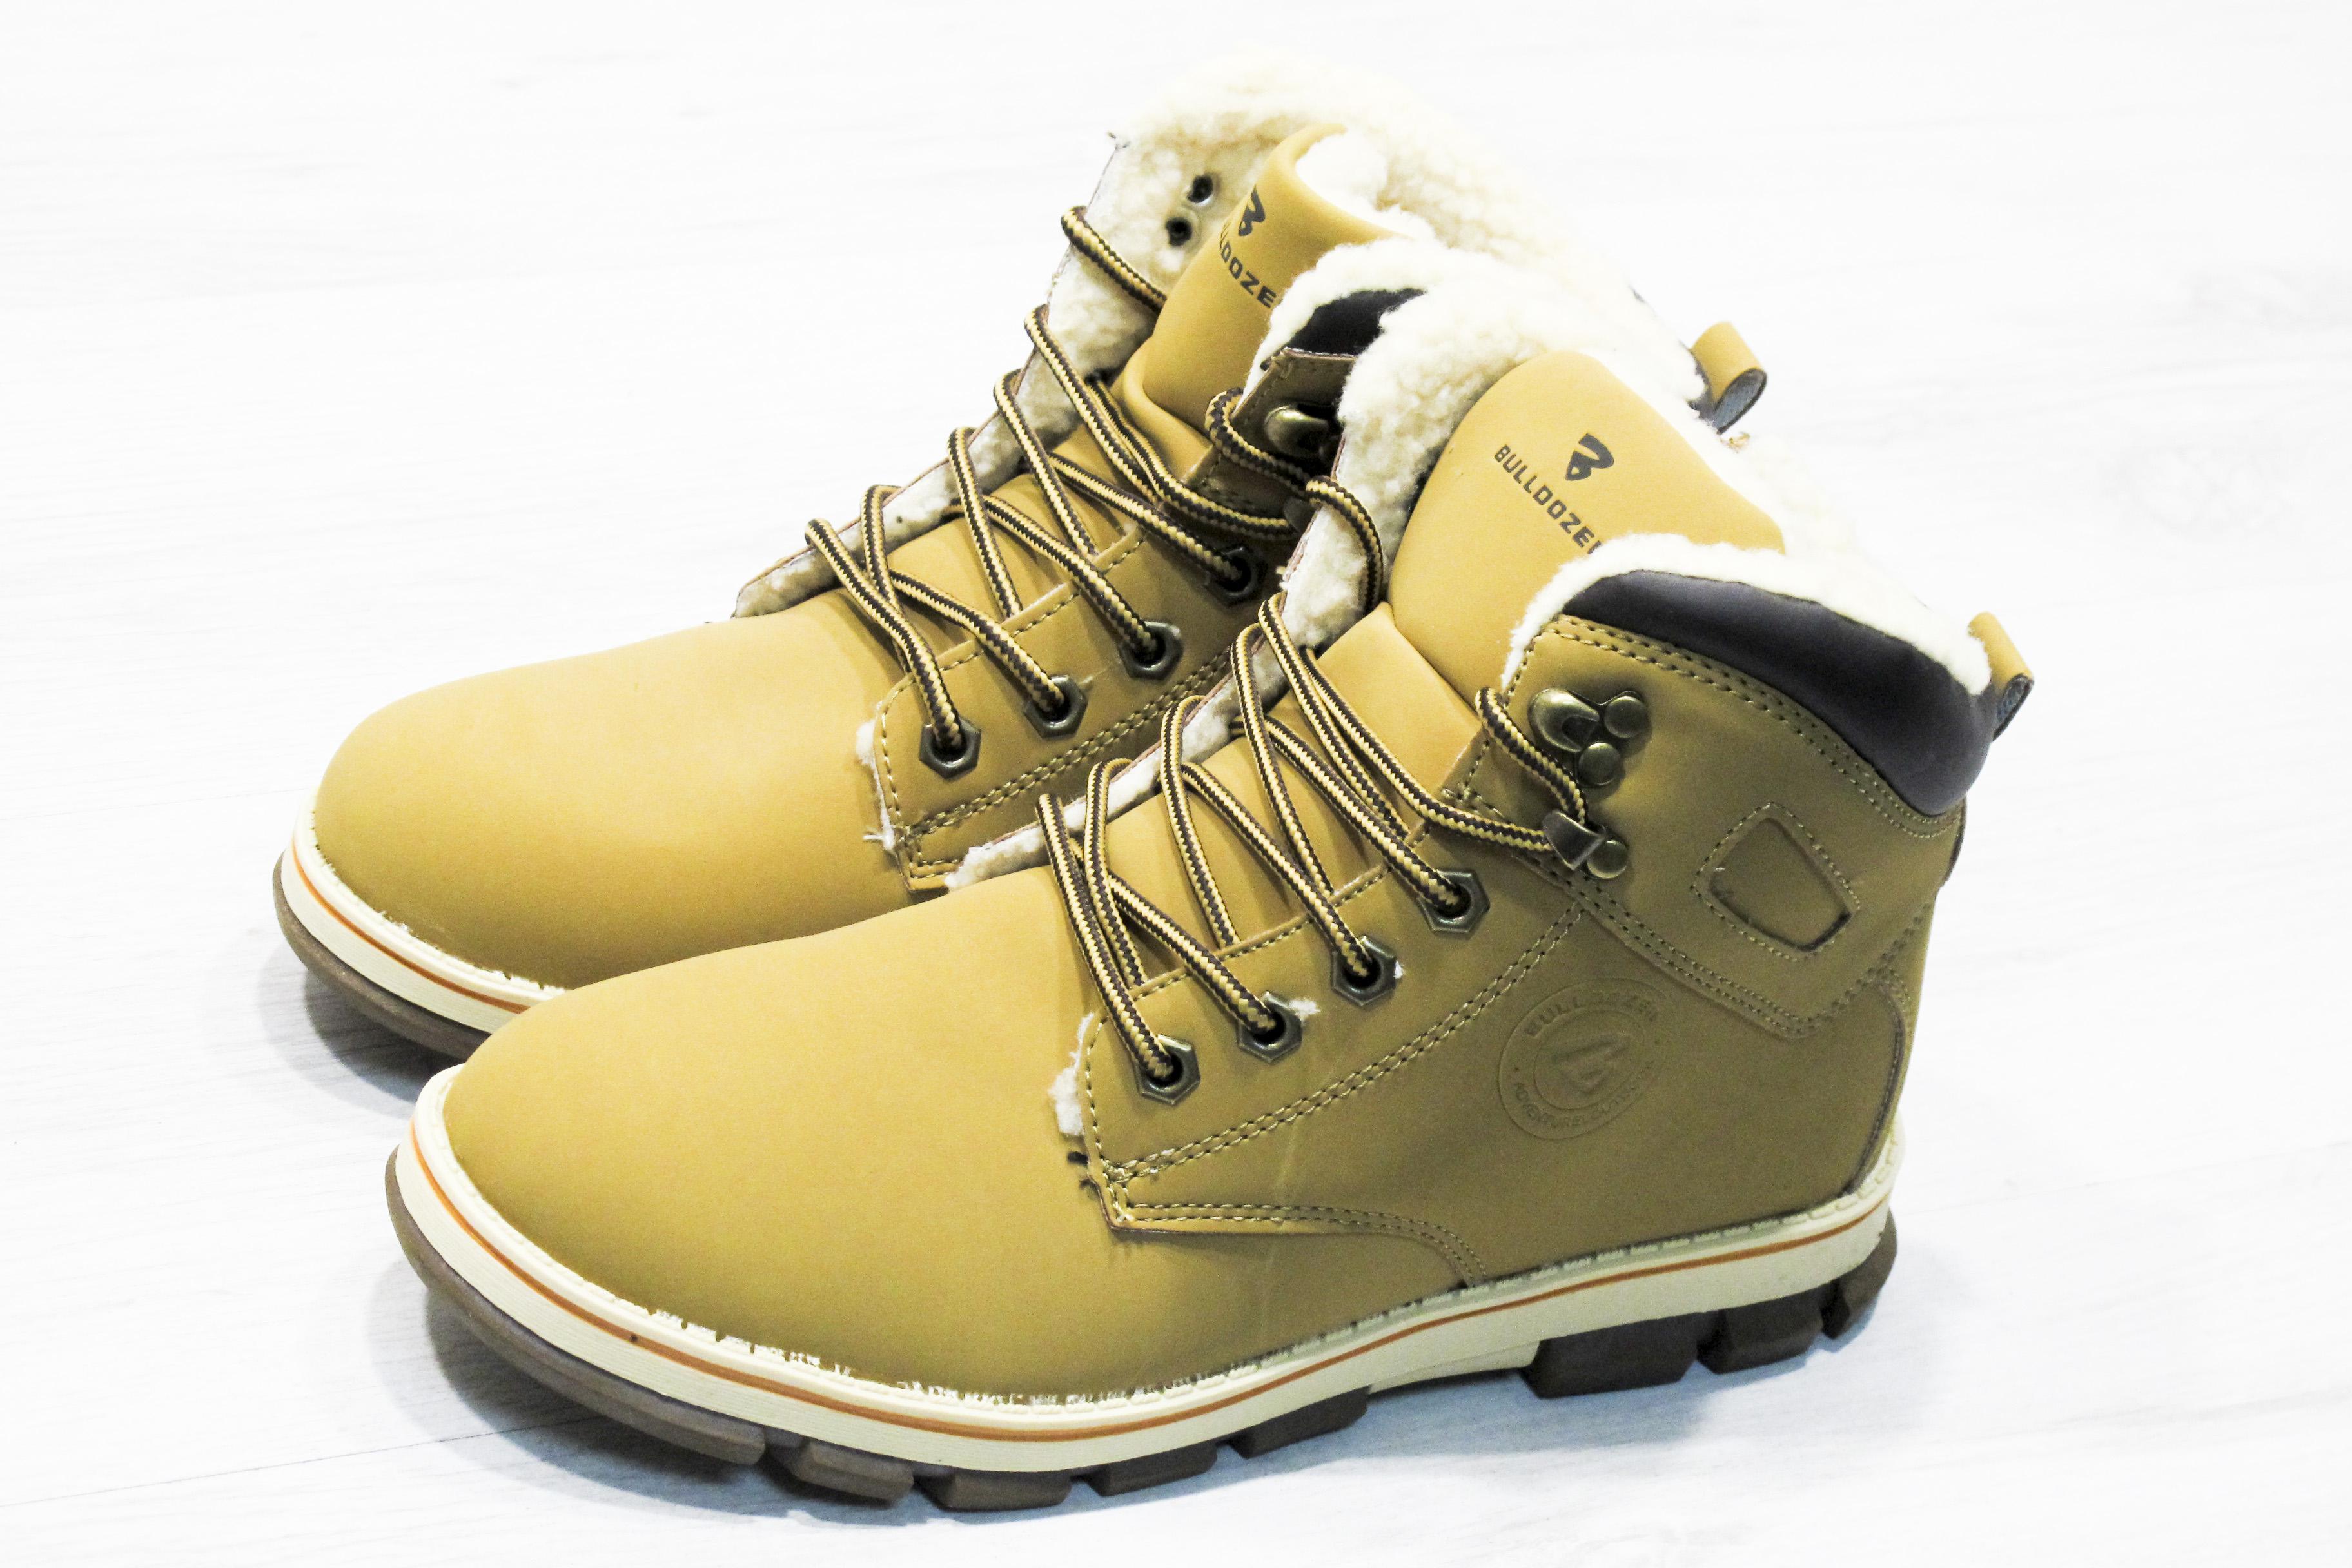 f2c9ae06c10 Юношески зимни боти Bulldozer 158-4576 | Юношески обувки за юноши ...